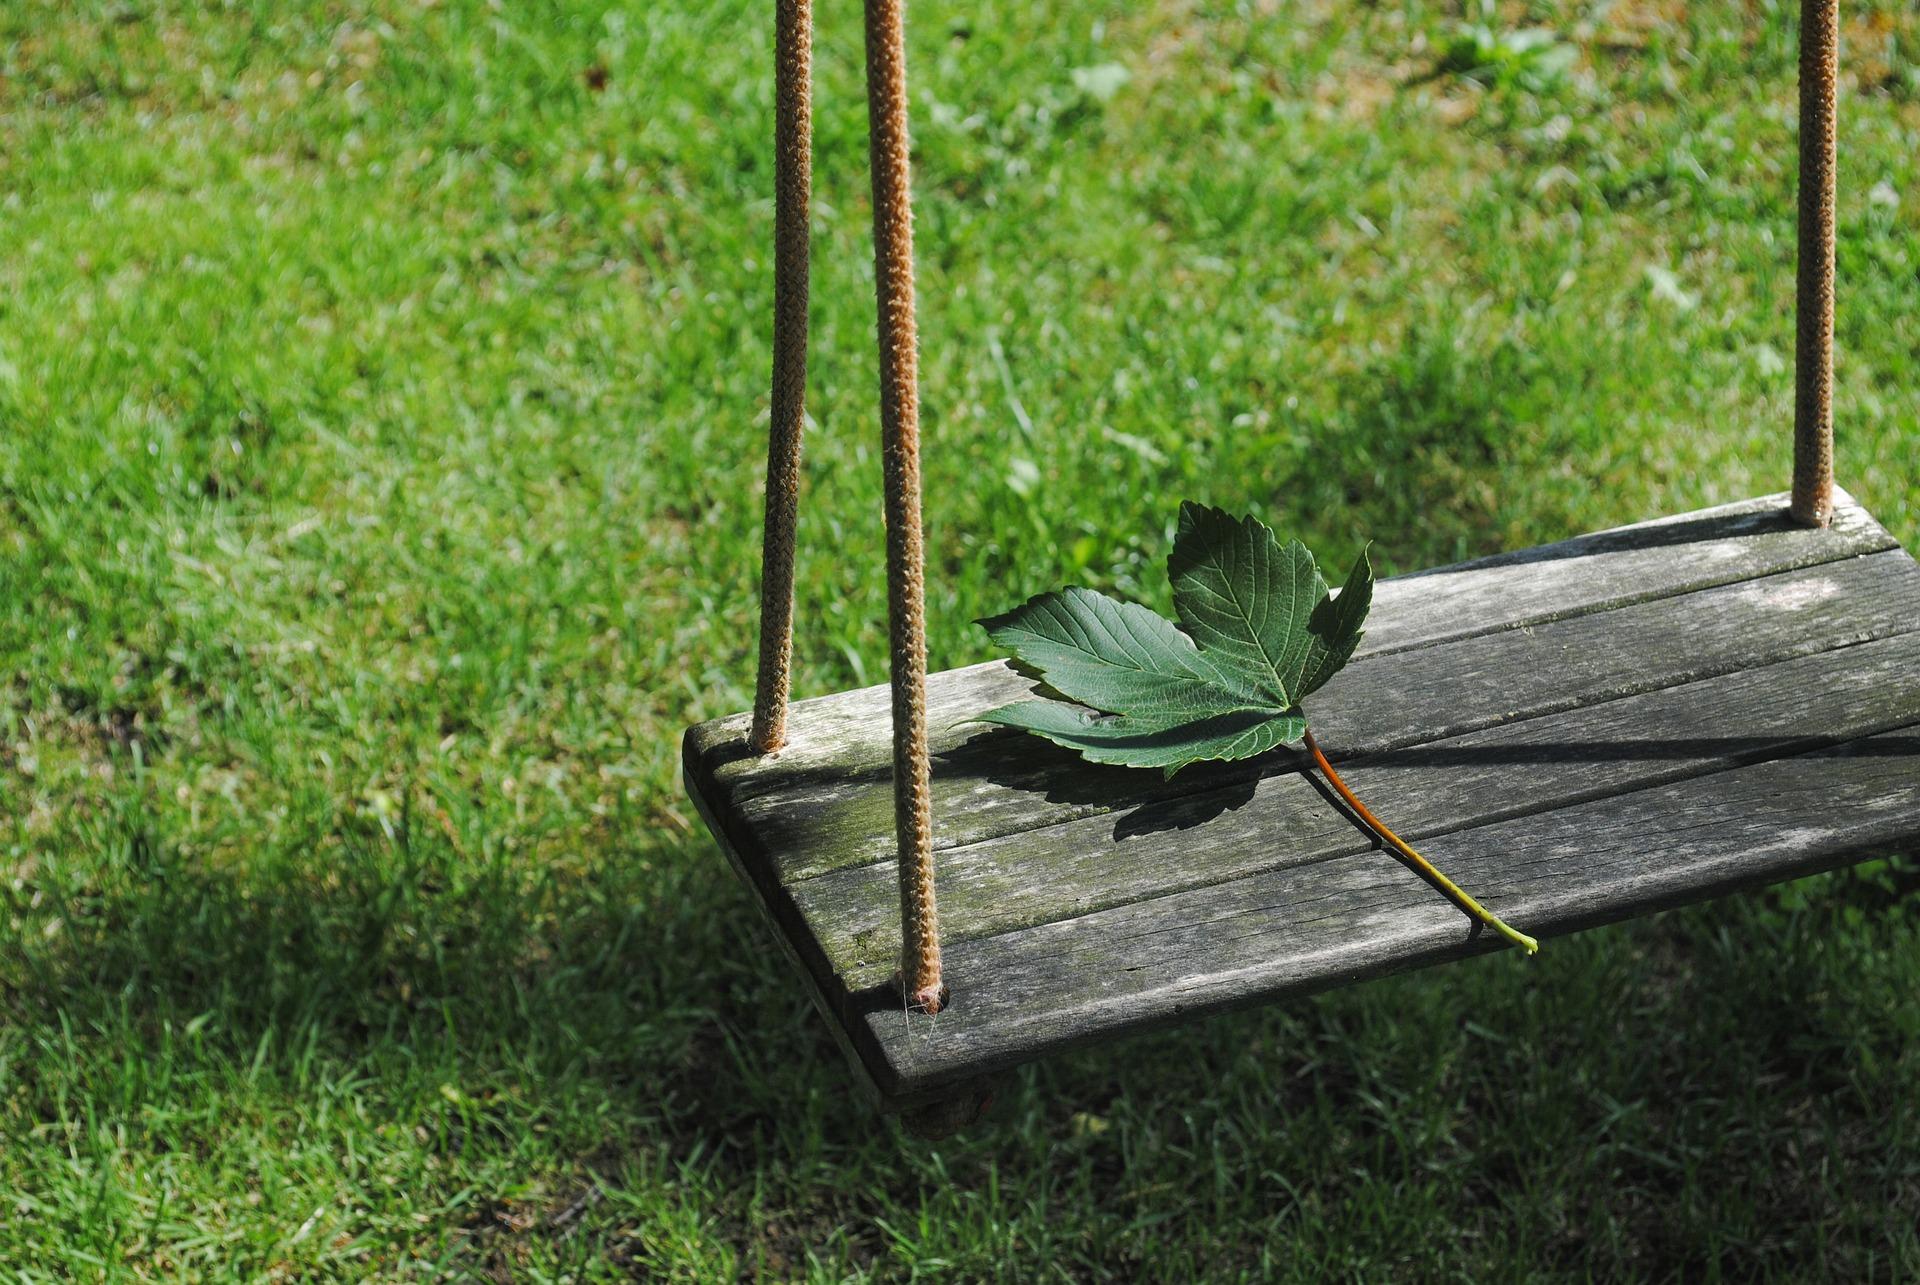 leaf-2471187_1920